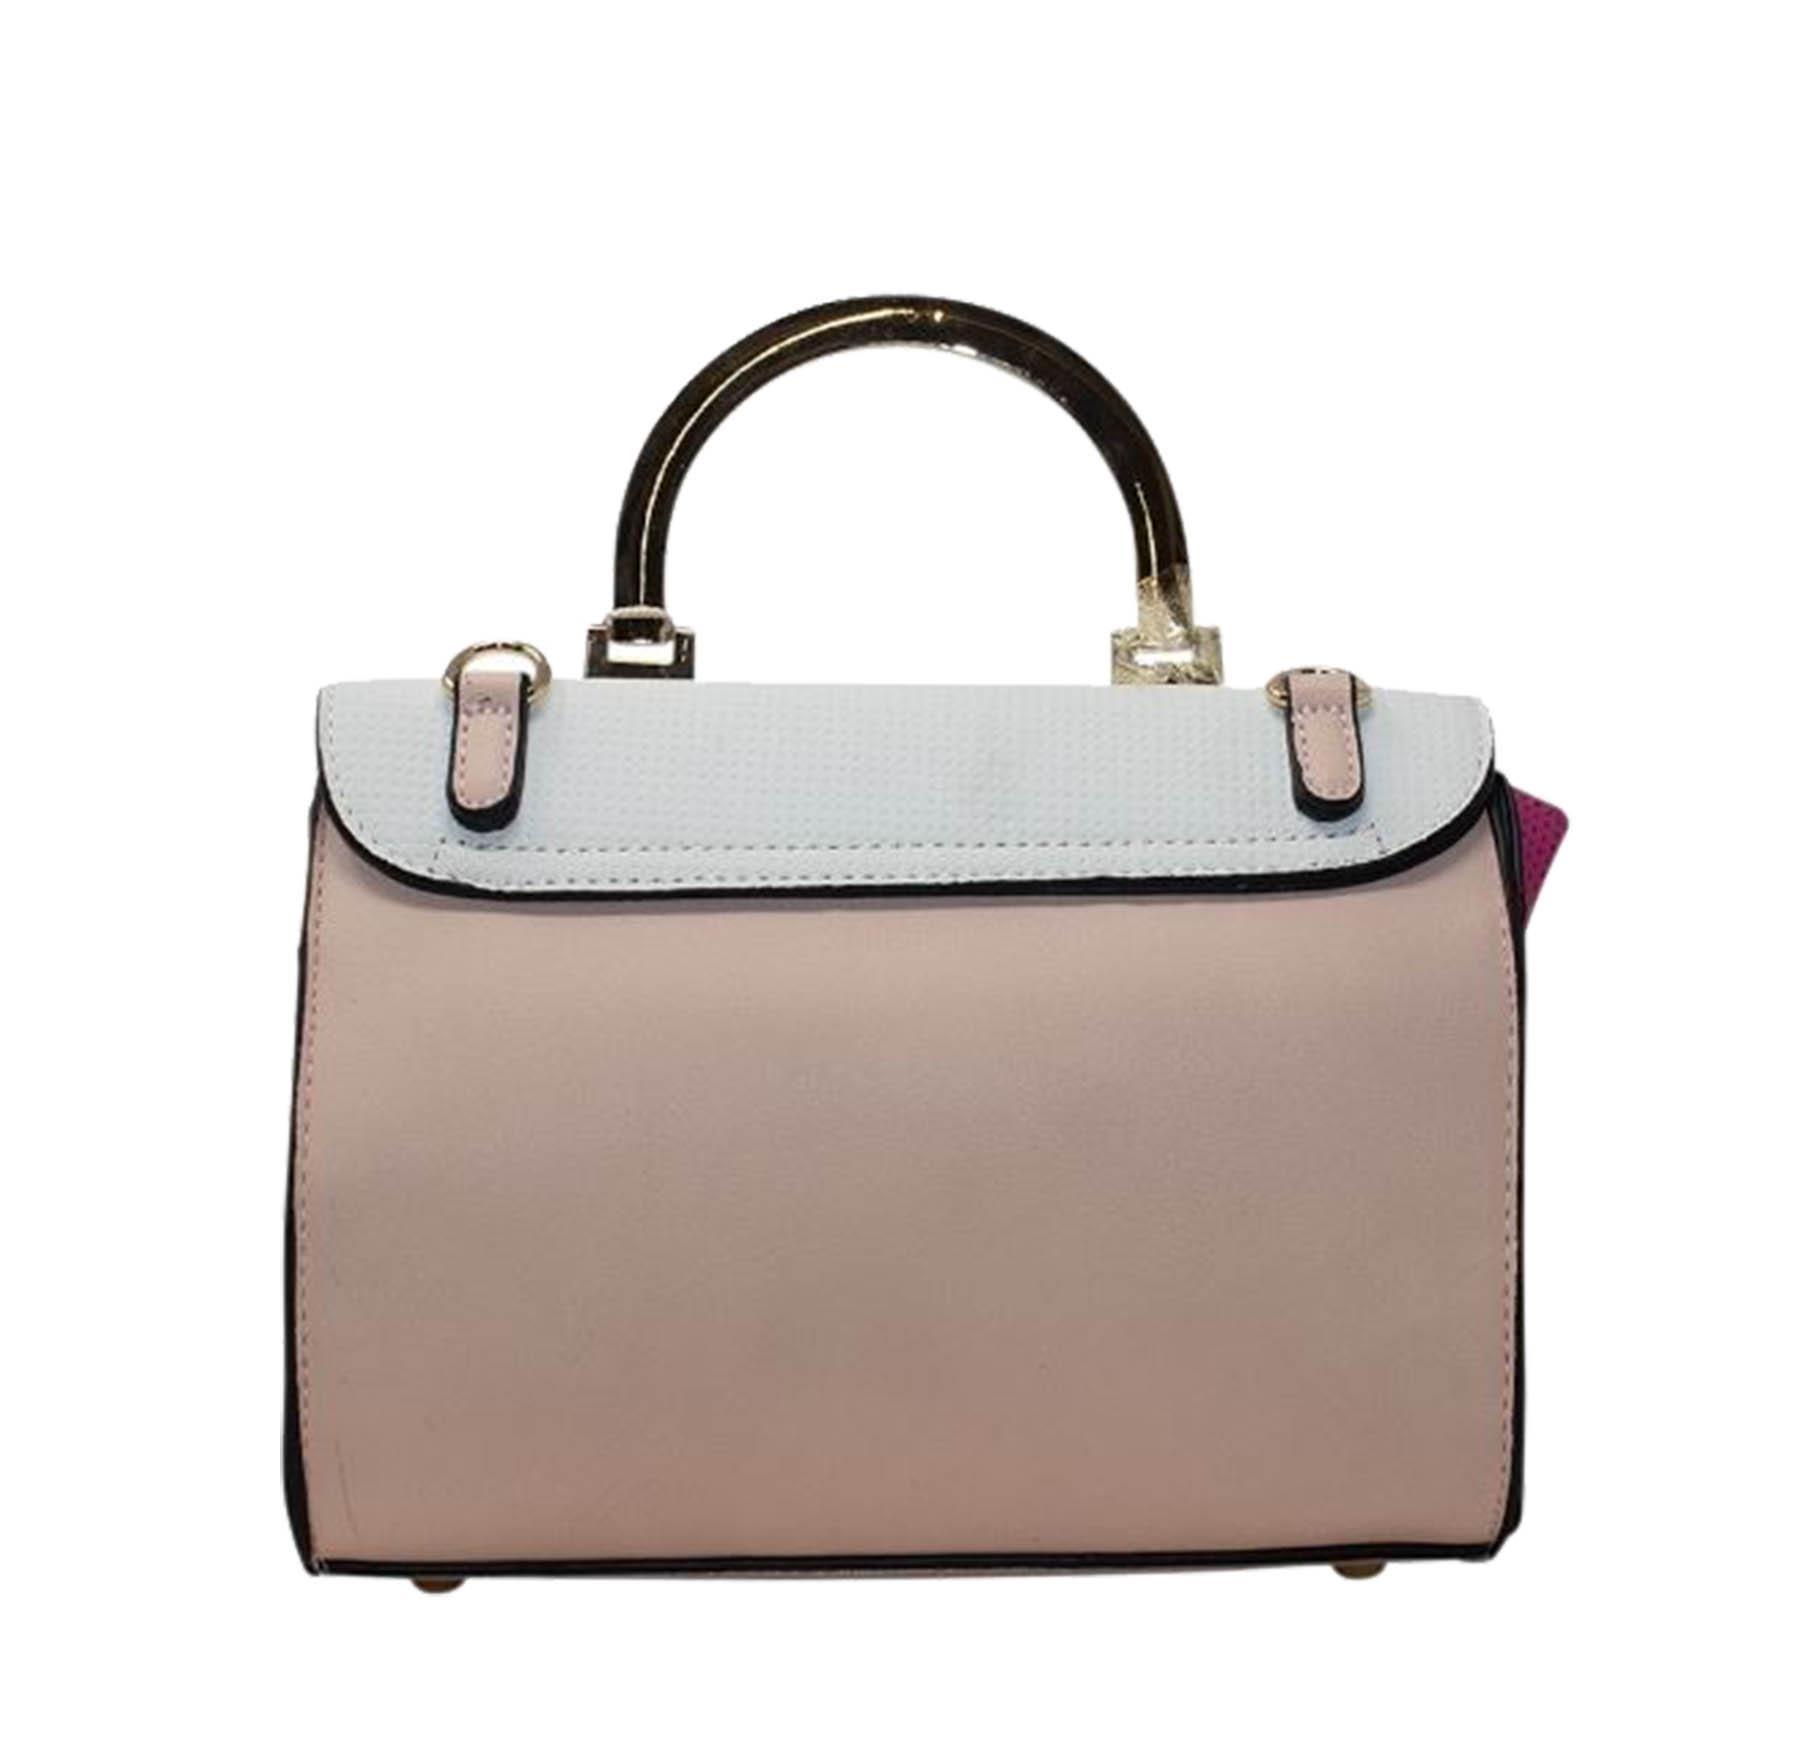 New Faux Leather Multi-Toned Padlock Ladies Tote Bag Handbag